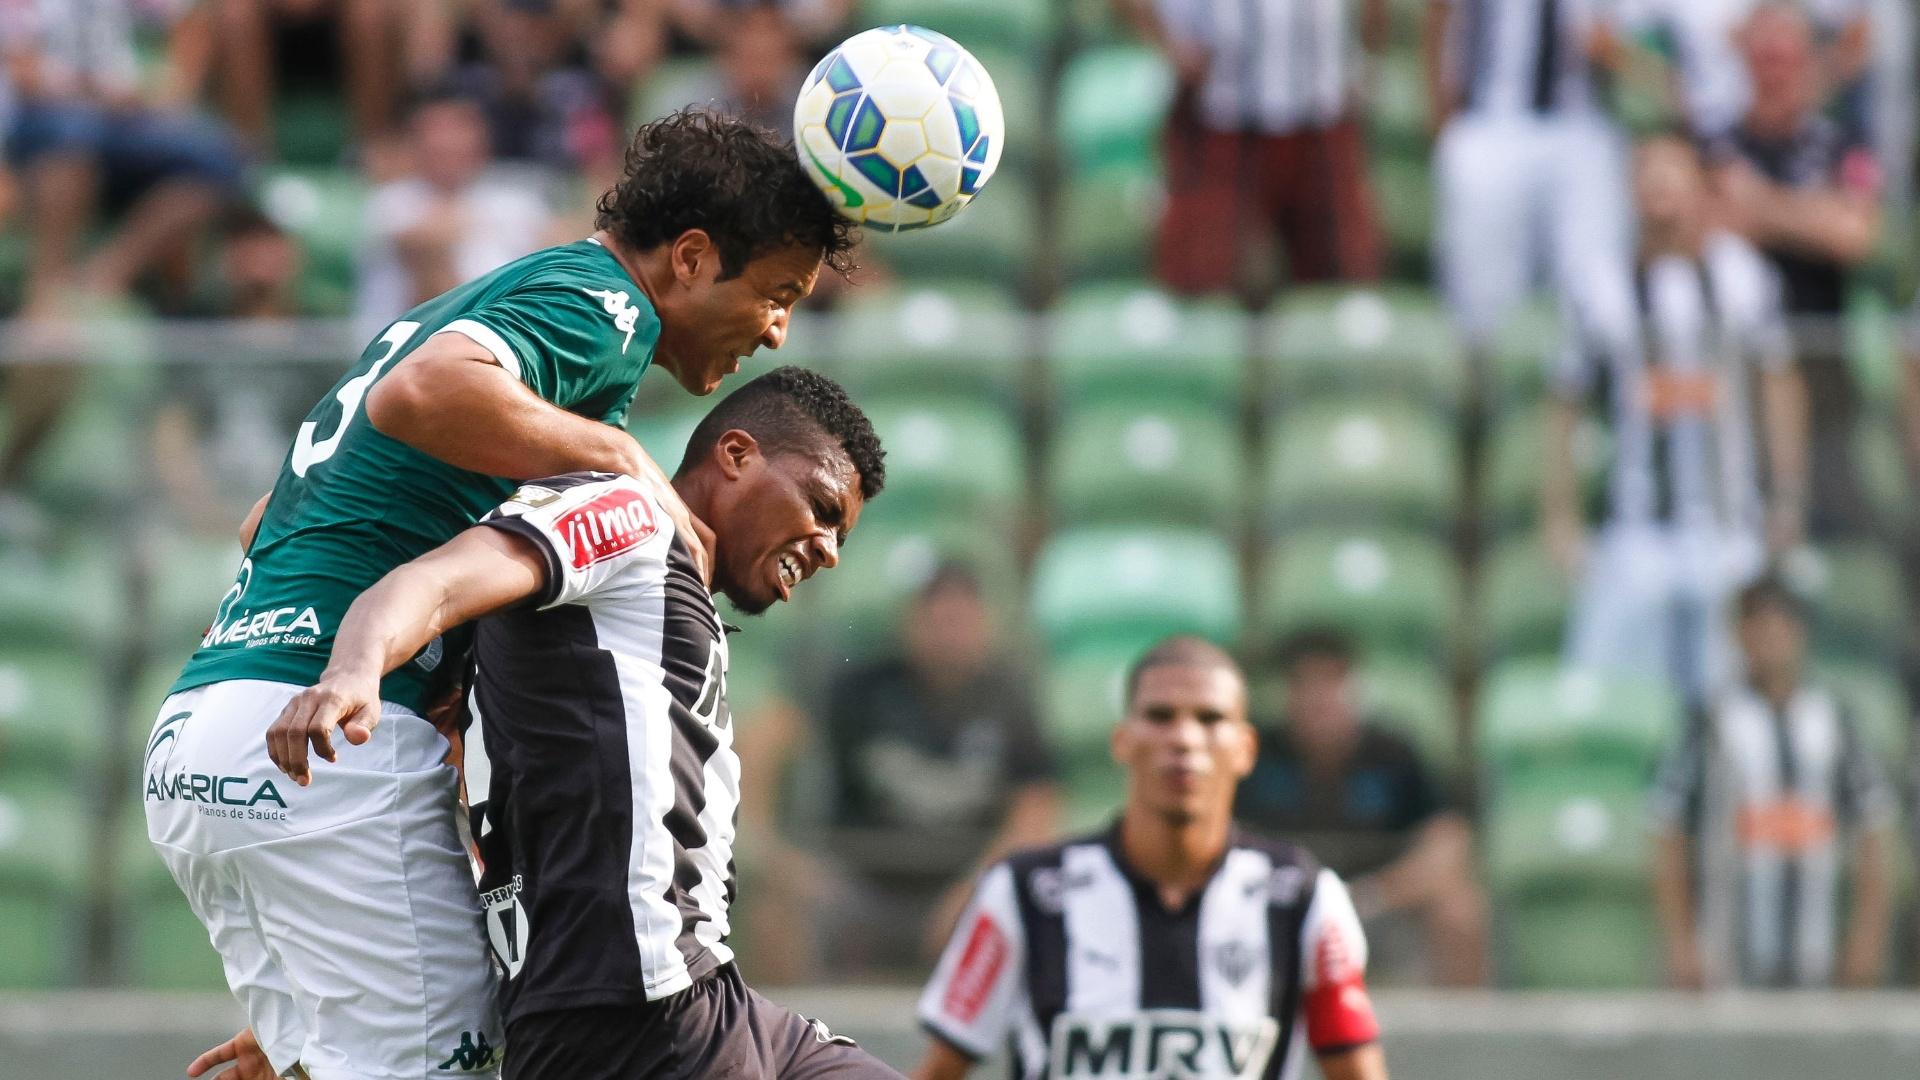 Jemerson e Alex Alves disputam bola no jogo do Atlético-MG contra o Goiás, no Brasileirão